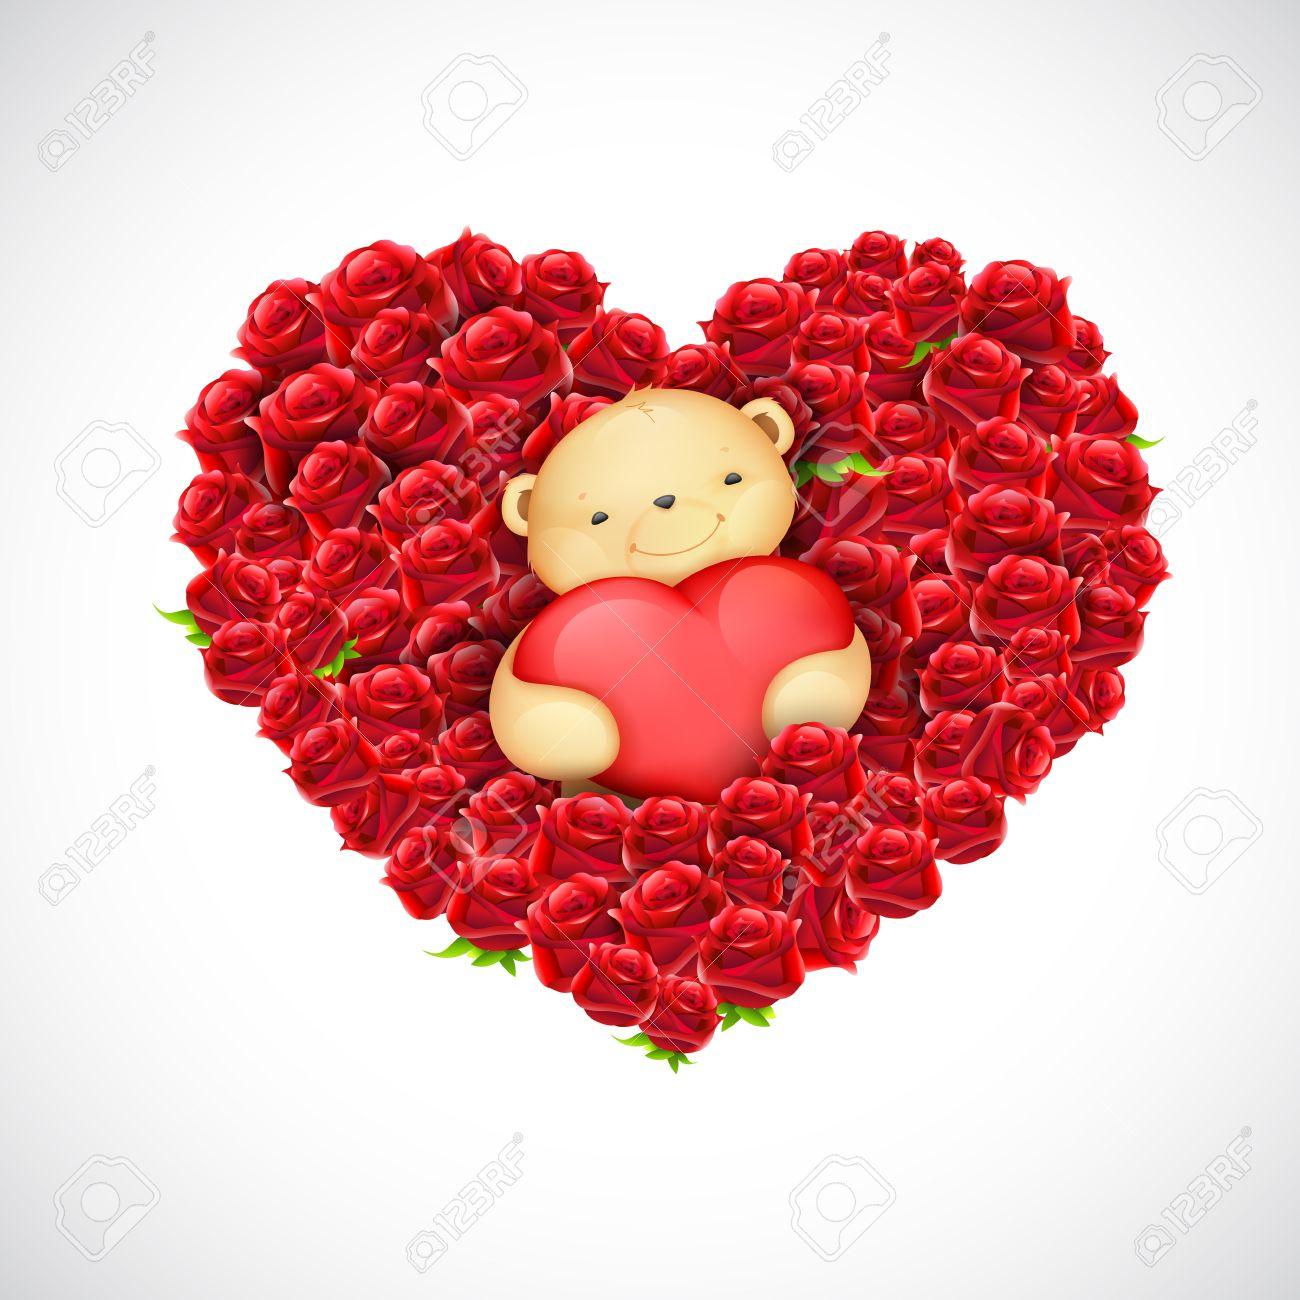 banque dimages illustration de nounours mignon couple de ballon ours coeur dtention - Ours Coeur